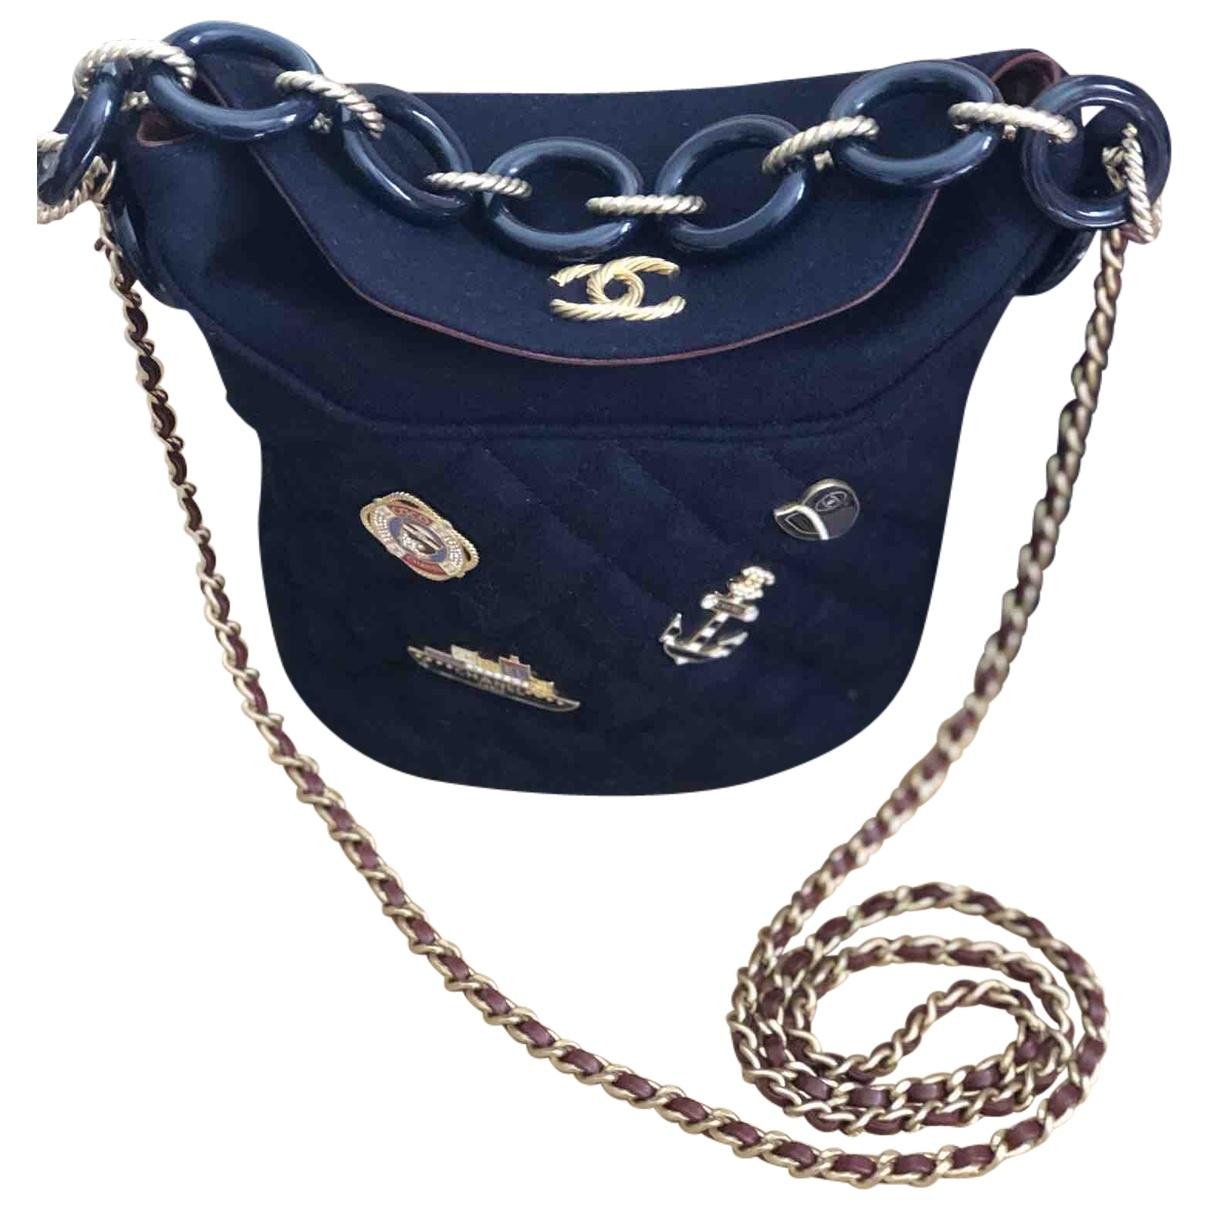 Chanel \N Handtasche in  Blau Wolle